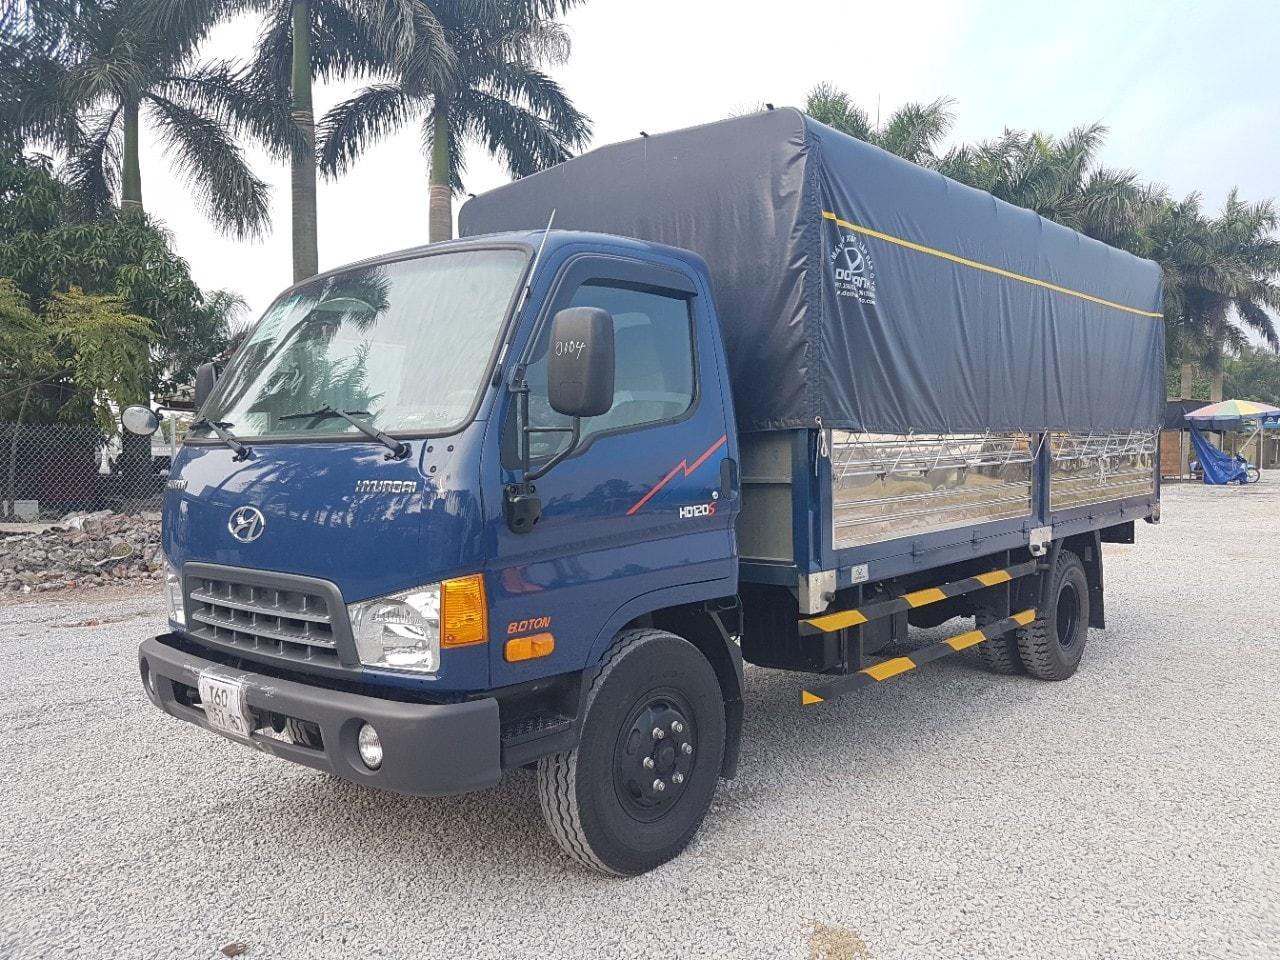 Mua bán xe Hyundai 7 tấn nâng tải cũ